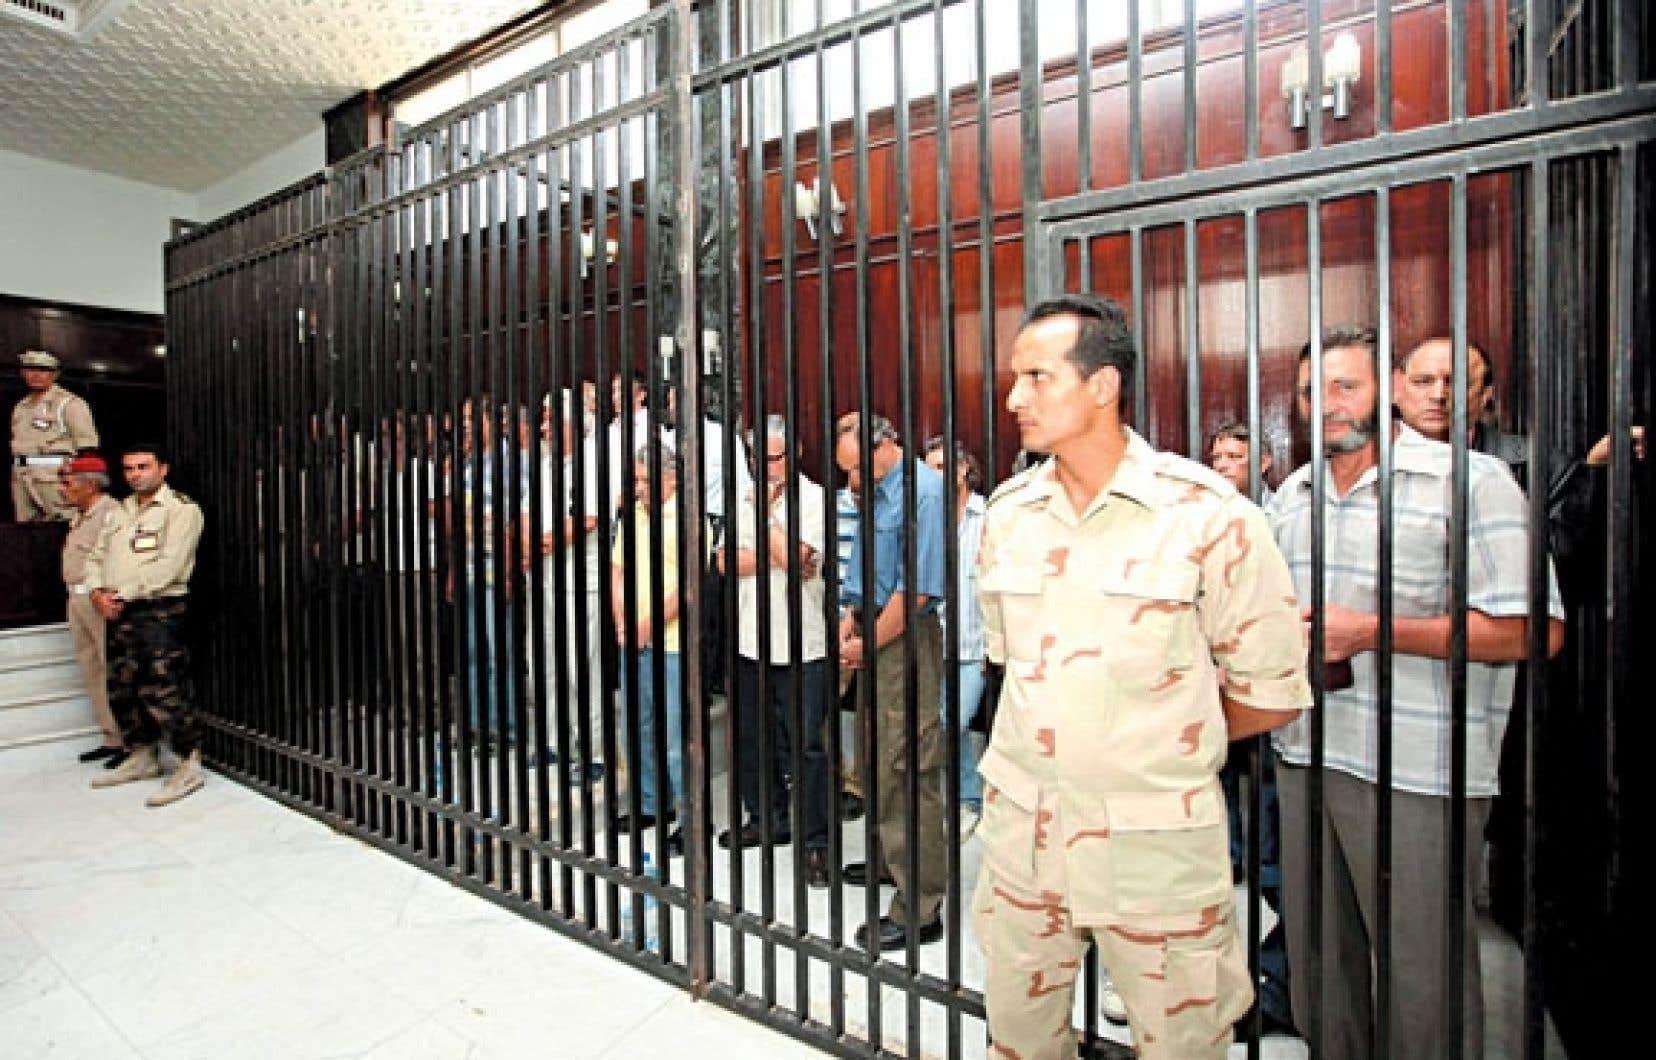 <div> Des accus&eacute;s attendaient hier dans leur cellule de se pr&eacute;senter devant un tribunal militaire &agrave; Tripoli.</div>